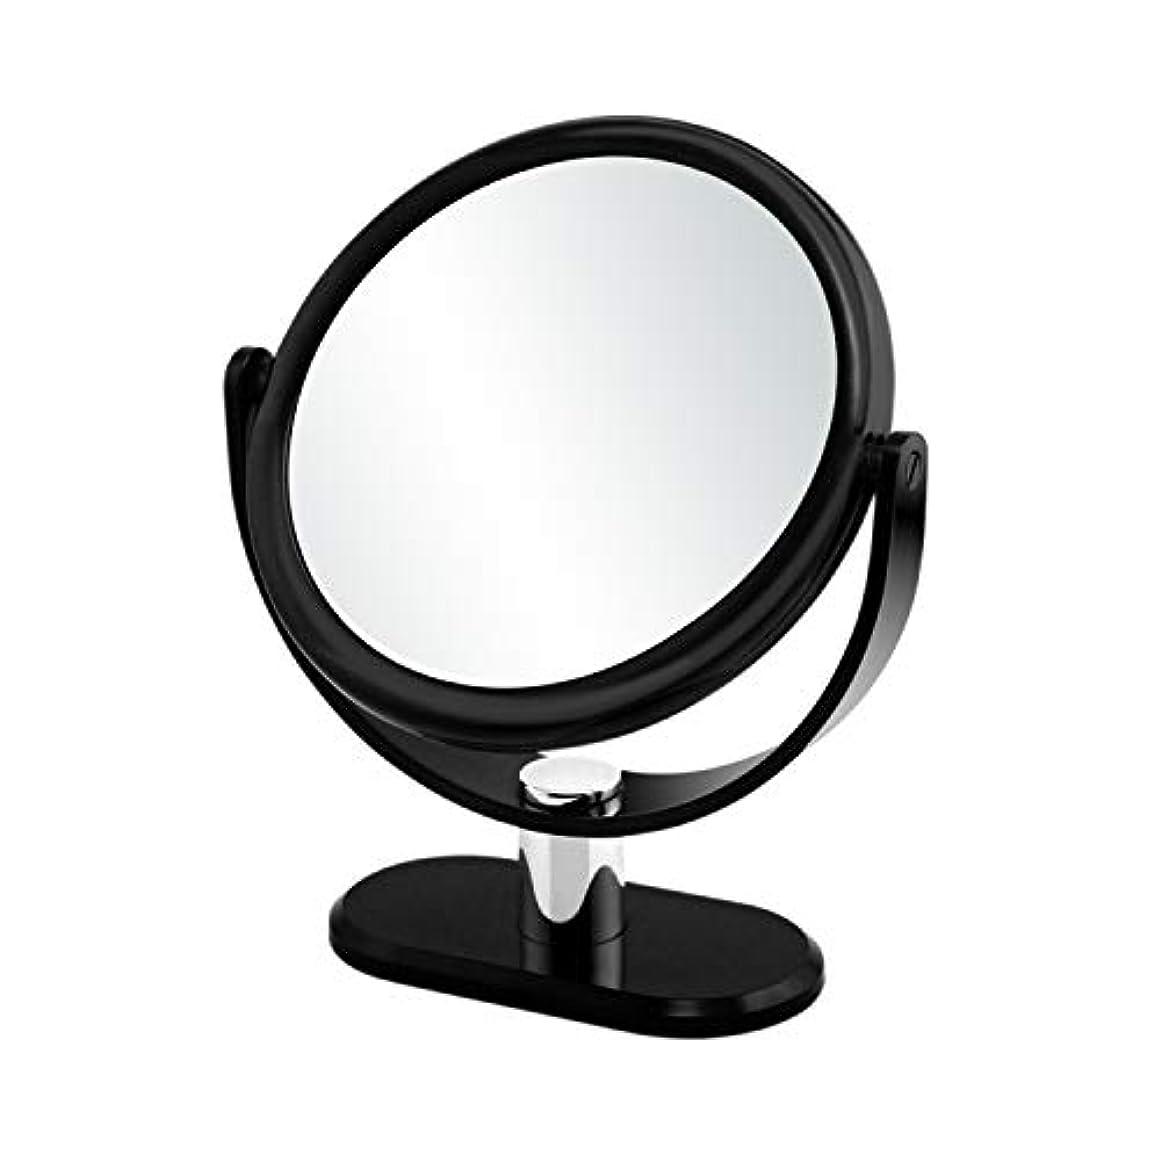 驚かすコーヒー拒絶するGorwRich ブラック卓上鏡 化粧鏡 スタンドミラー 女優ミラー 卓上ミラー 両面鏡 7倍拡大鏡と等倍鏡